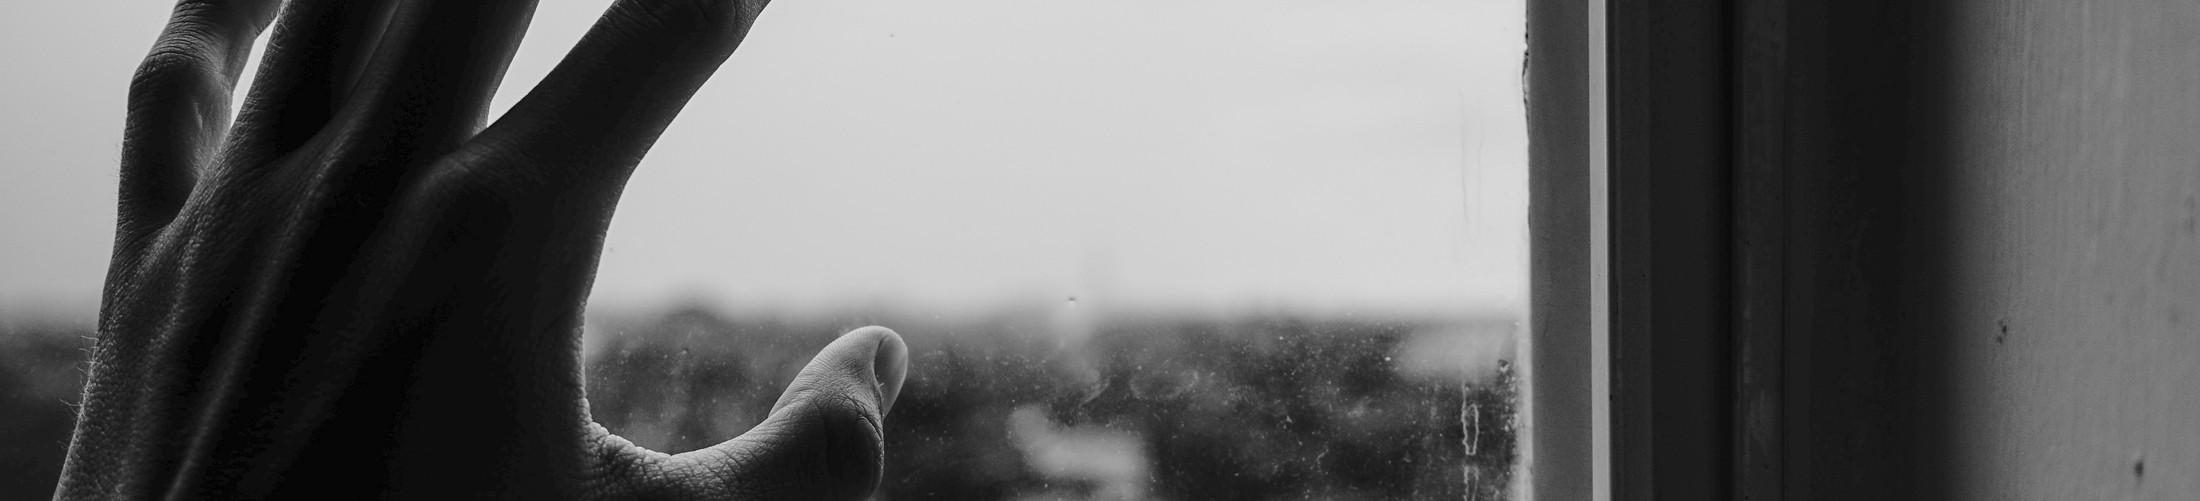 Test Psychicznych Skutków Izolacji